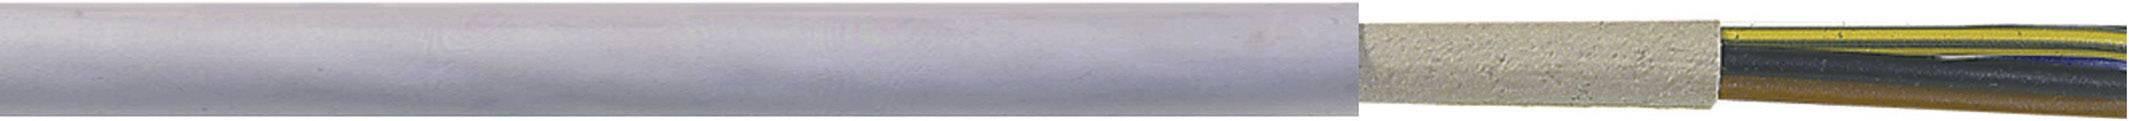 Instalační kabel LappKabel NYM-J 7G2,5 (1600071), 7 x 2,5 mm², 13,7 mm, šedá, 500 m